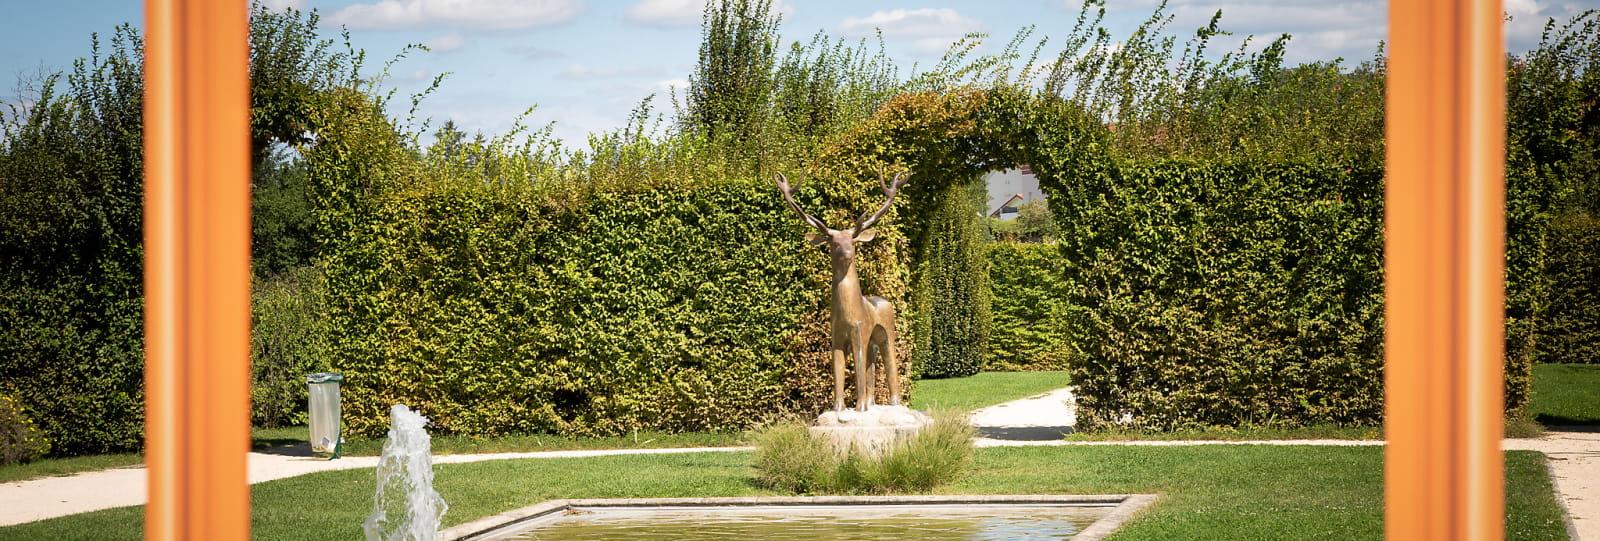 Sculpture 'Le Cerf'